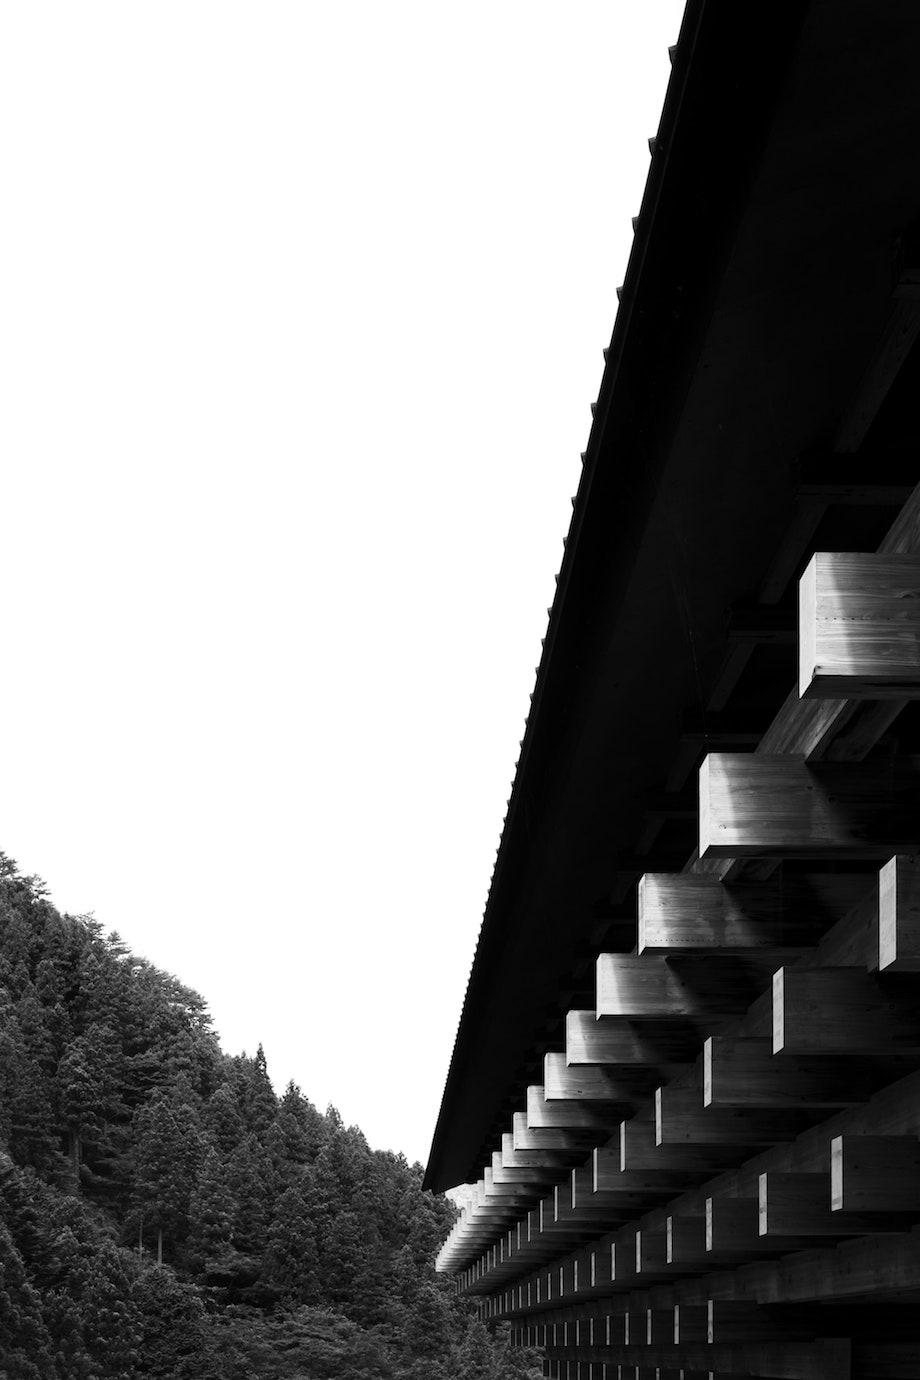 新刊 隈研吾著+瀧本幹也撮影『隈研吾 はじまりの物語 ゆすはらが教えてくれたこと』青幻舎 2021